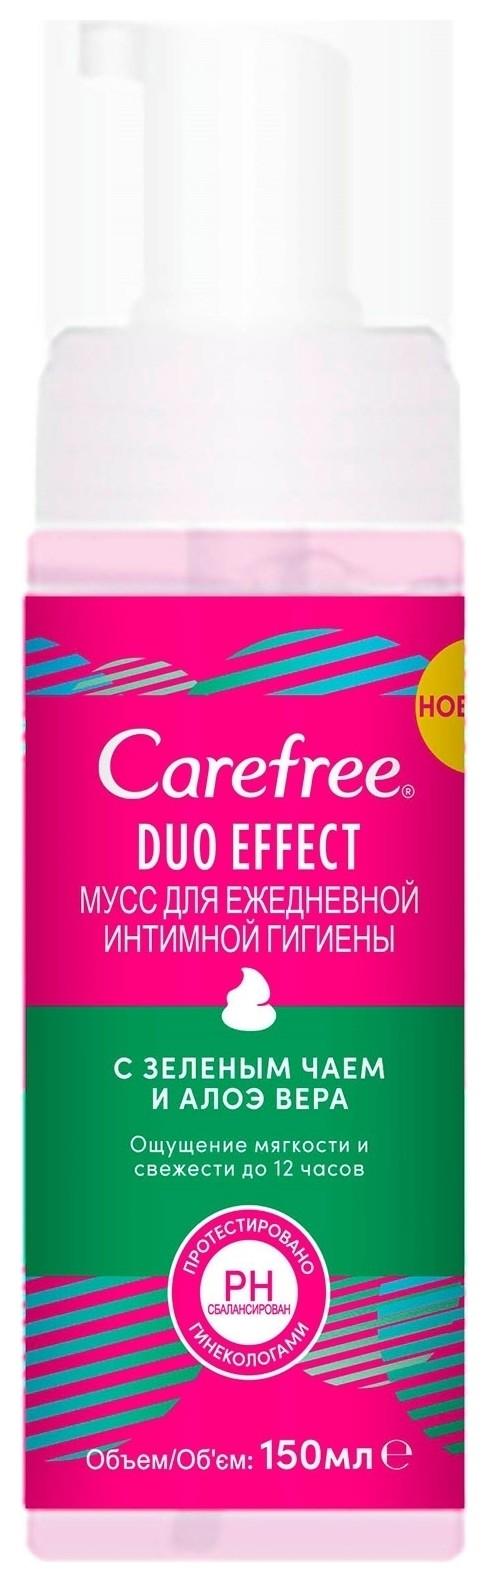 Мусс для интимной гигиены с зеленым чаем и алоэ вера Duo Effect  Carefree